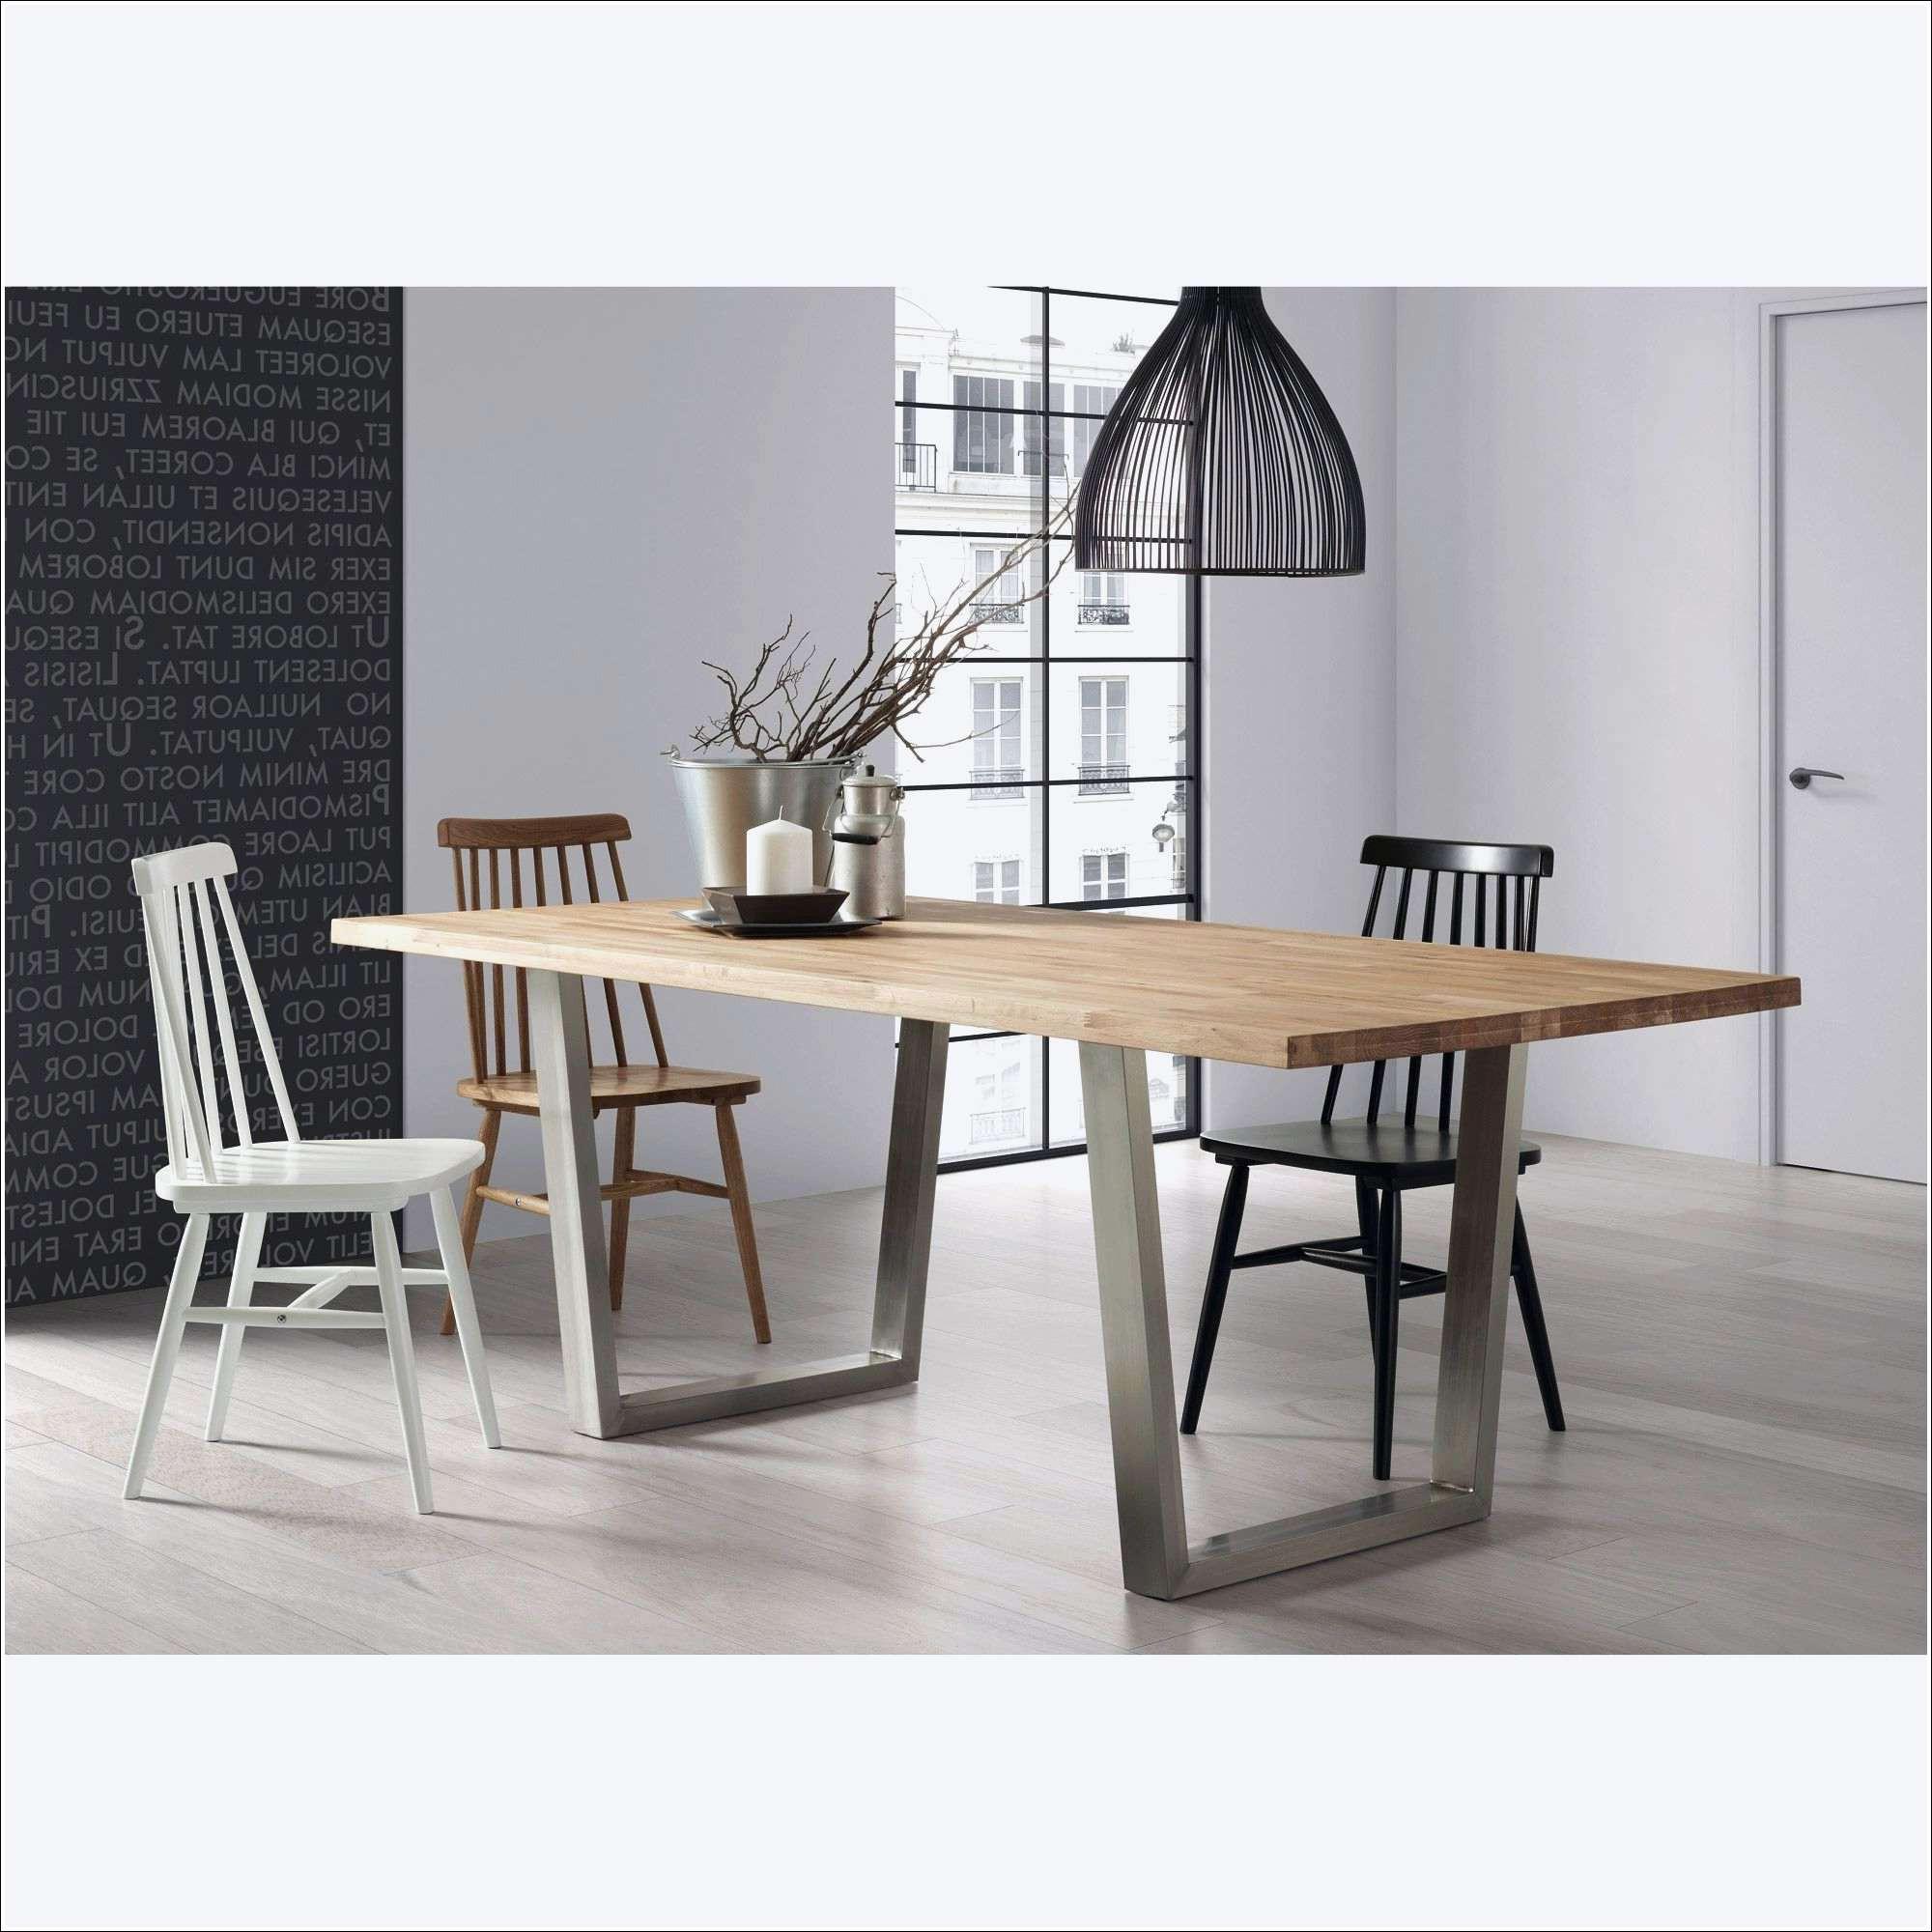 Table De Ferme Ancienne Le Bon Coin Inspirant Table De Ferme ... encequiconcerne Le Bon Coin Table De Jardin